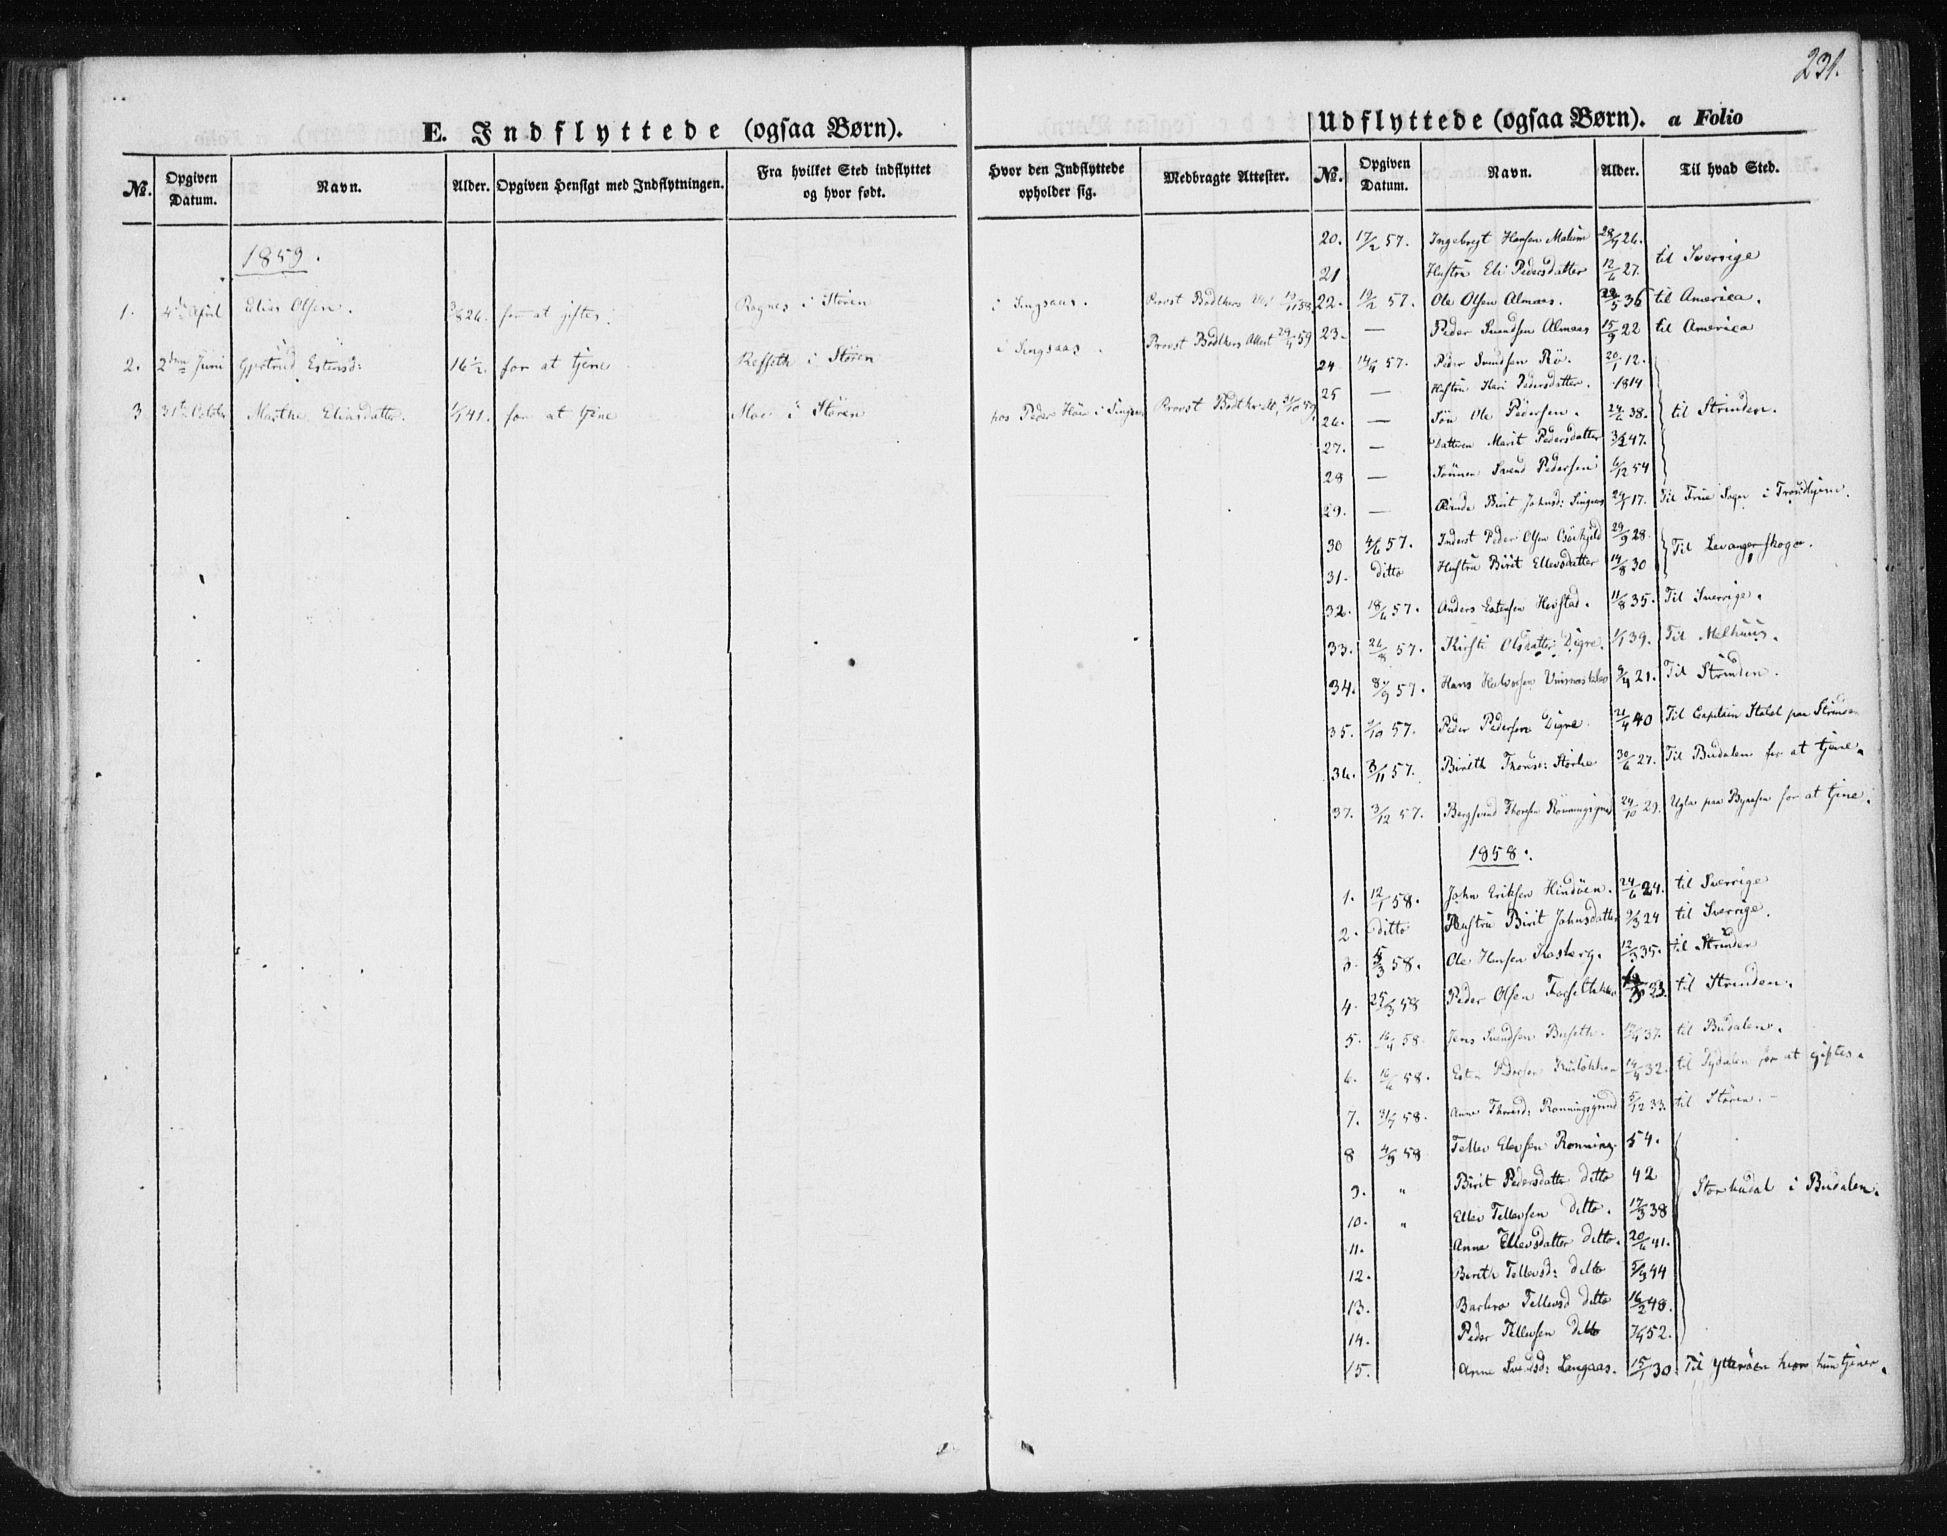 SAT, Ministerialprotokoller, klokkerbøker og fødselsregistre - Sør-Trøndelag, 685/L0964: Ministerialbok nr. 685A06 /2, 1846-1859, s. 231